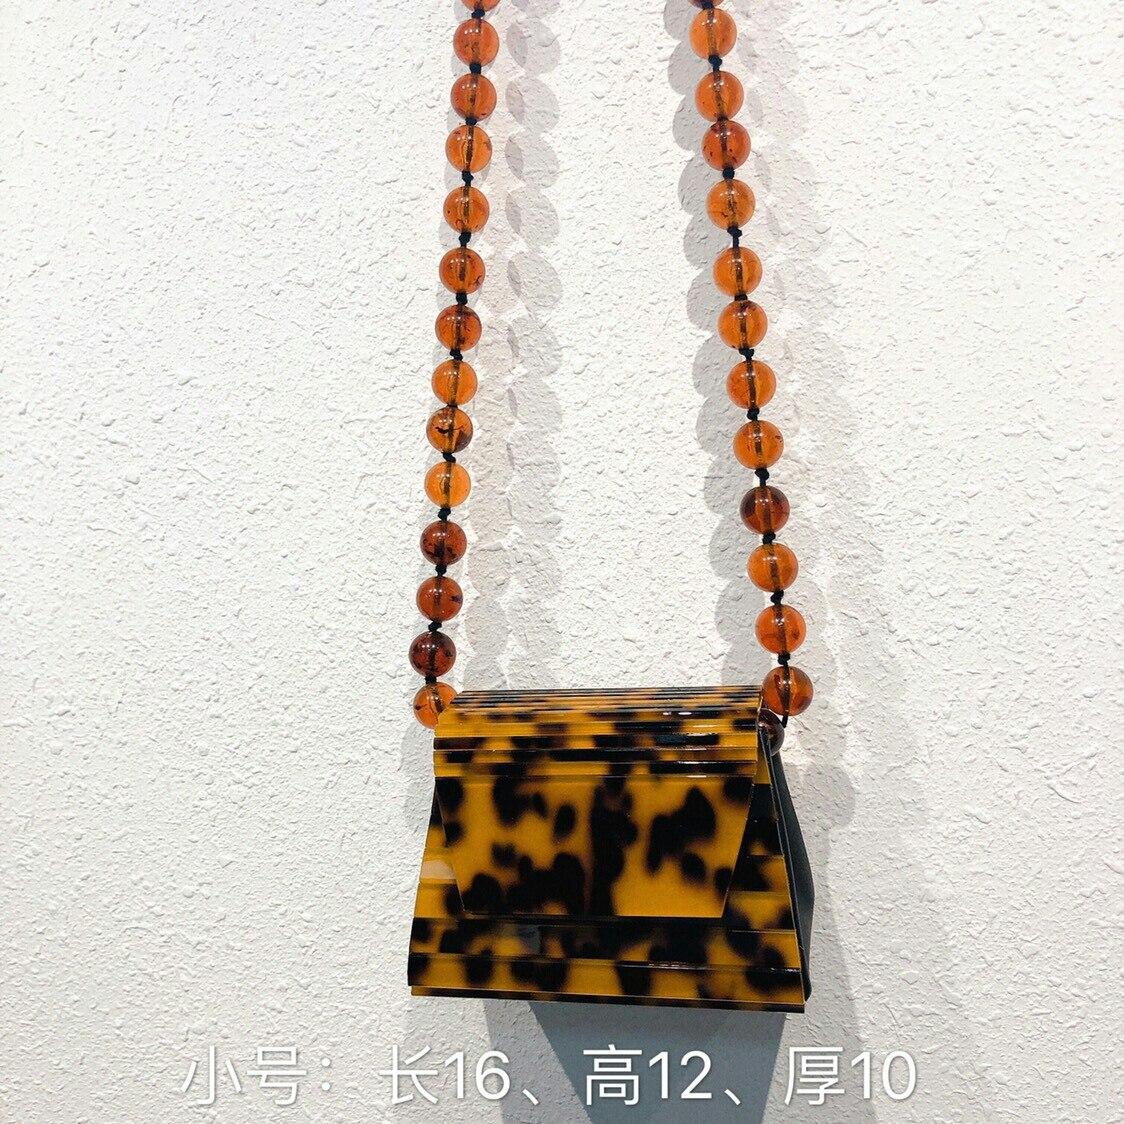 Léopard ambre acrylique résine sacs perles femmes Messegner sacs boîte trapézoïdale femme bandoulière sacs à bandoulière 2019 marque de luxe sac à main